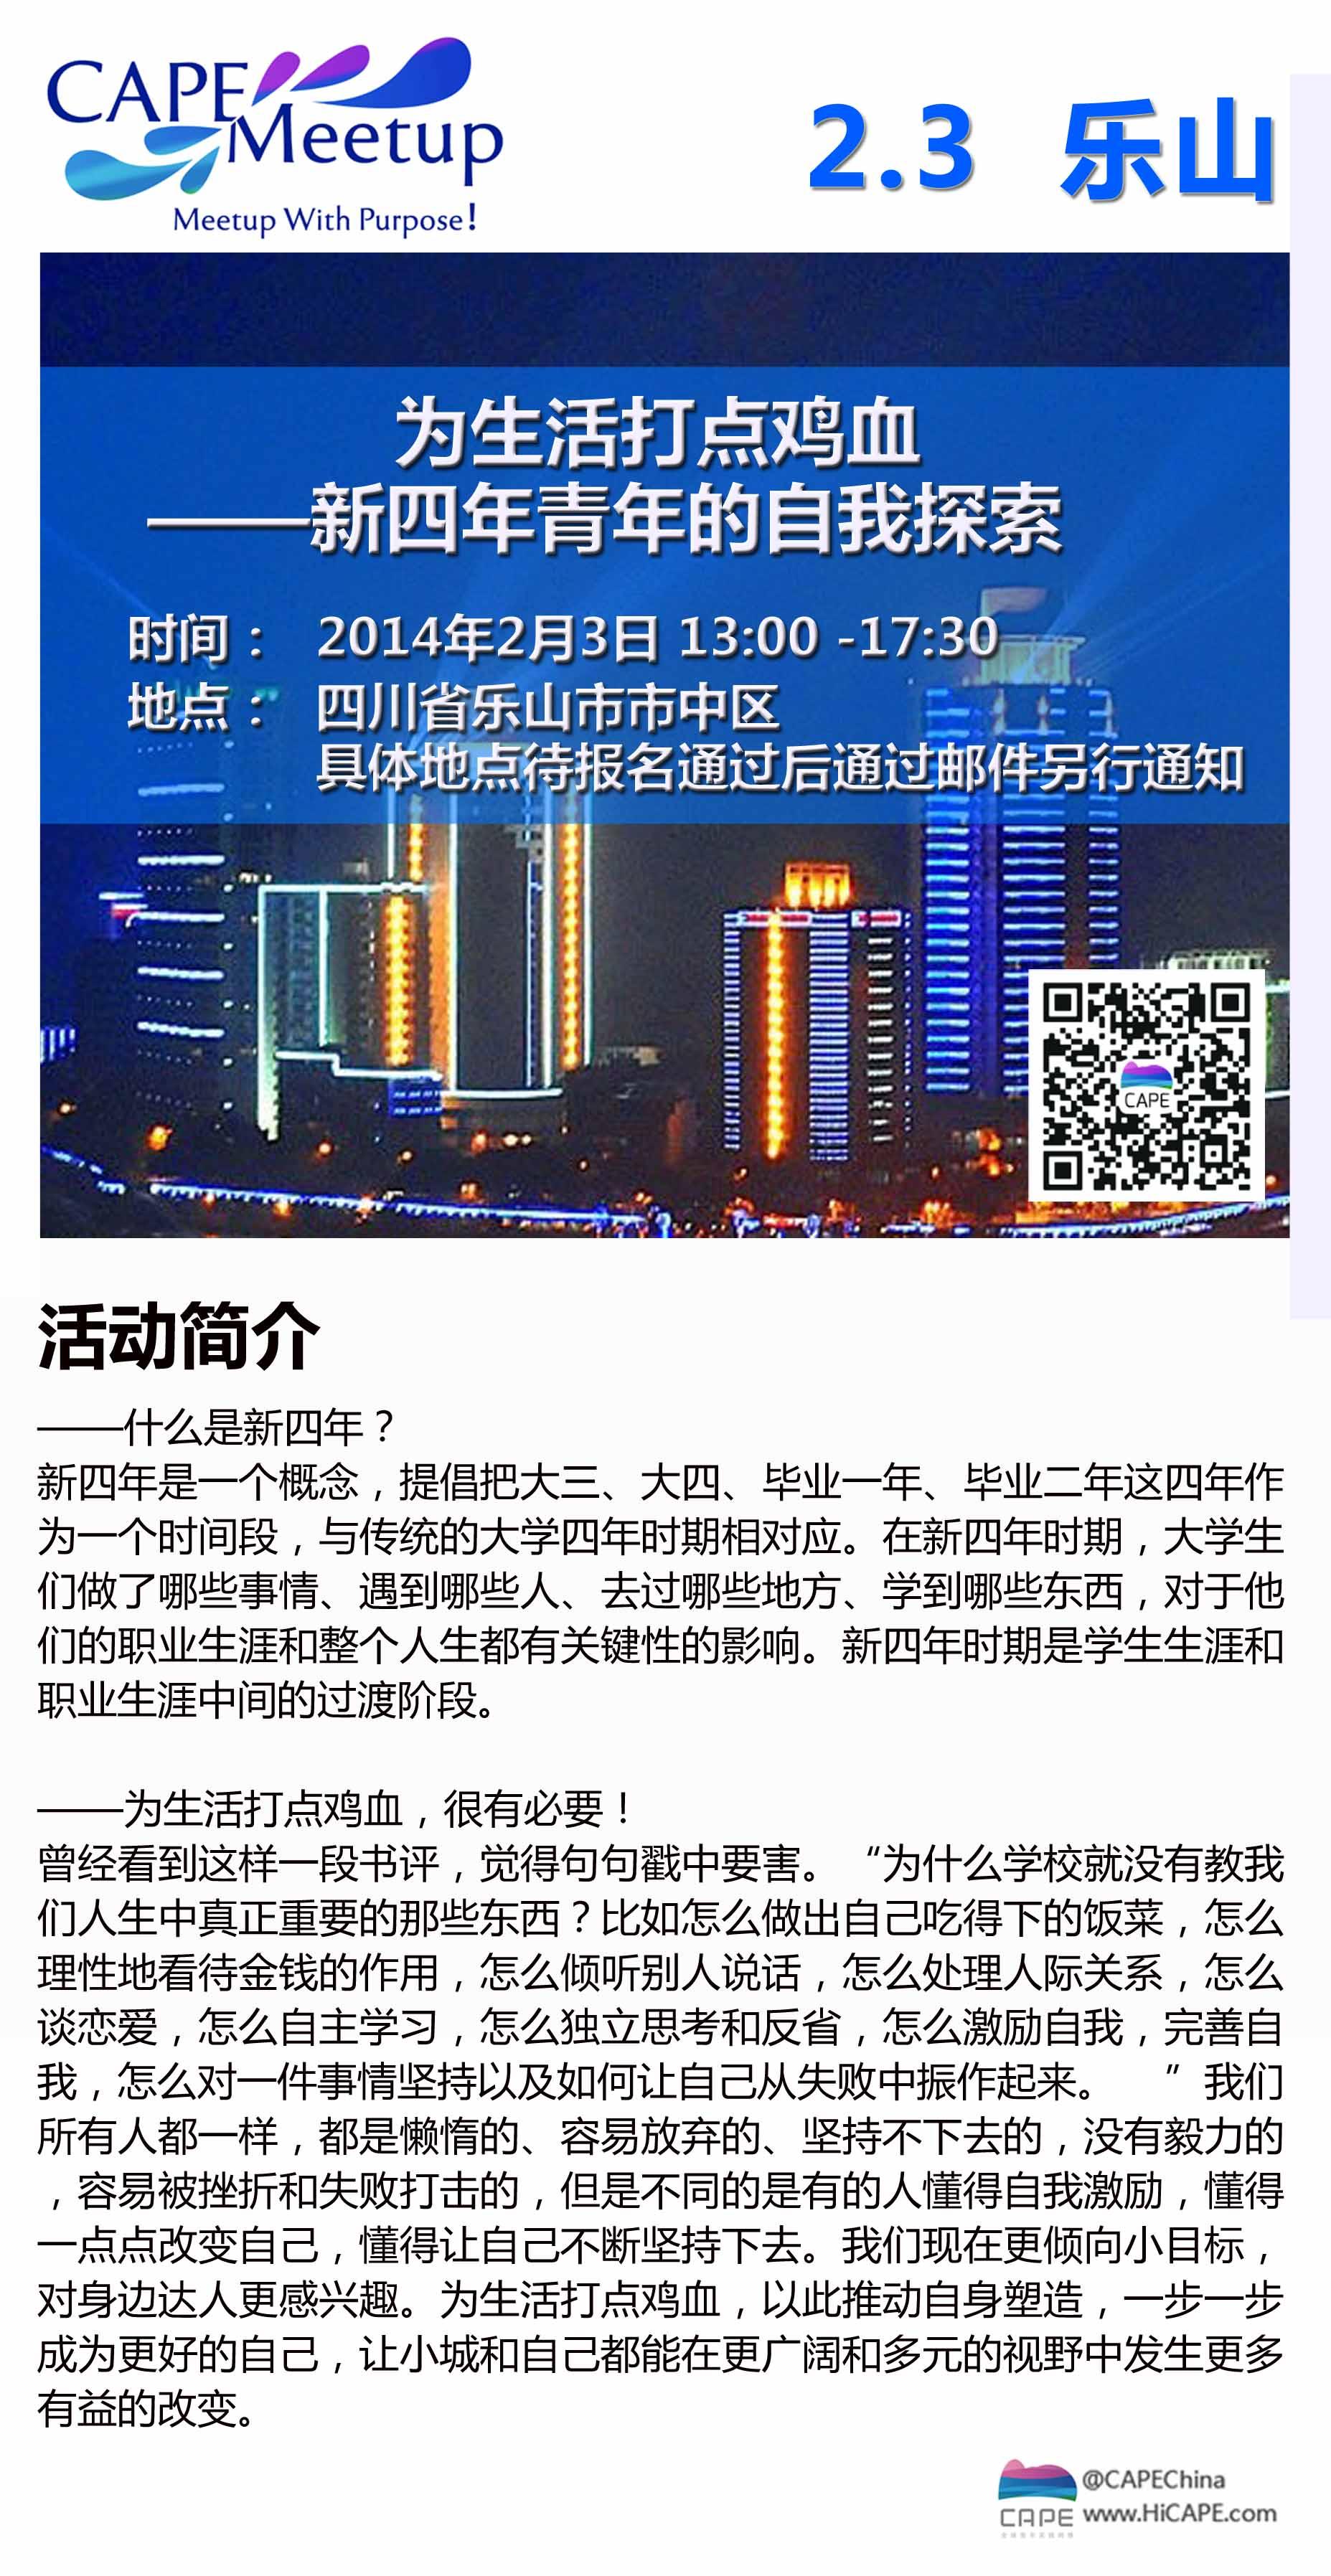 20140203 乐山Meetup (2)